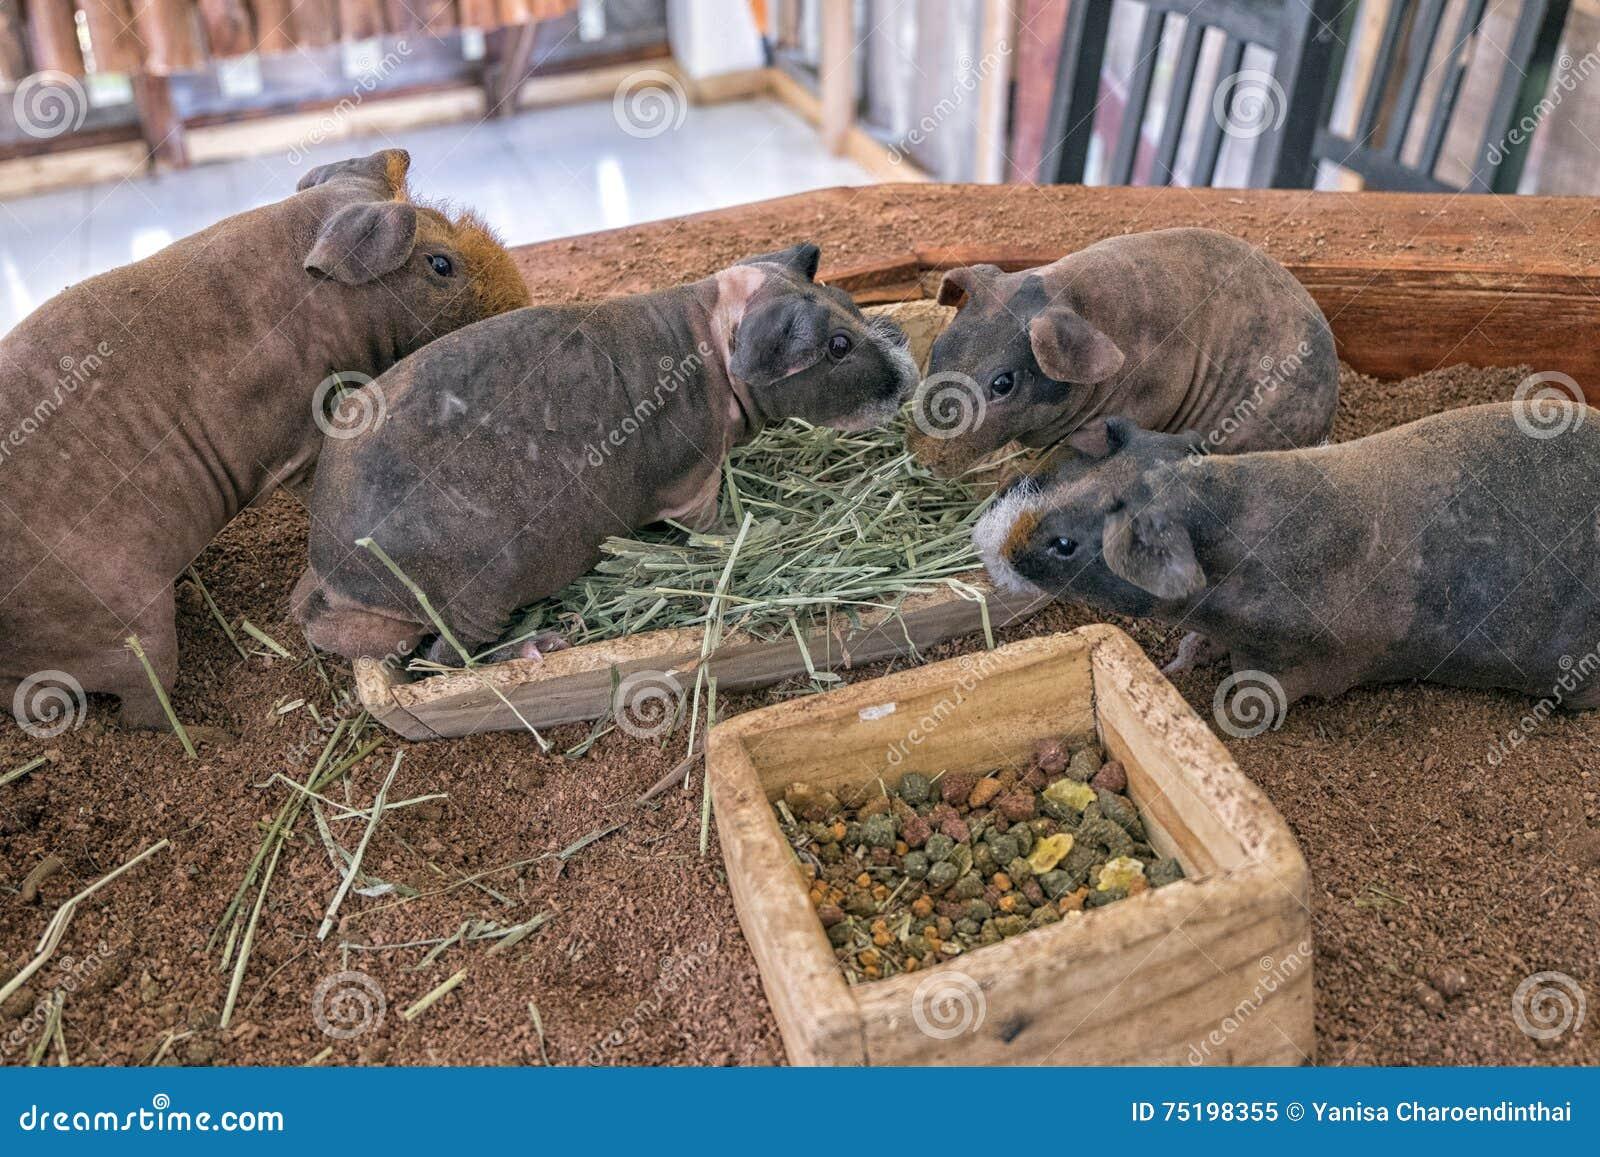 Ομάδα αποκαλούμενου ινδικό χοιρίδιο μεμβρανοειδούς χοίρου που τρώει τη χλόη